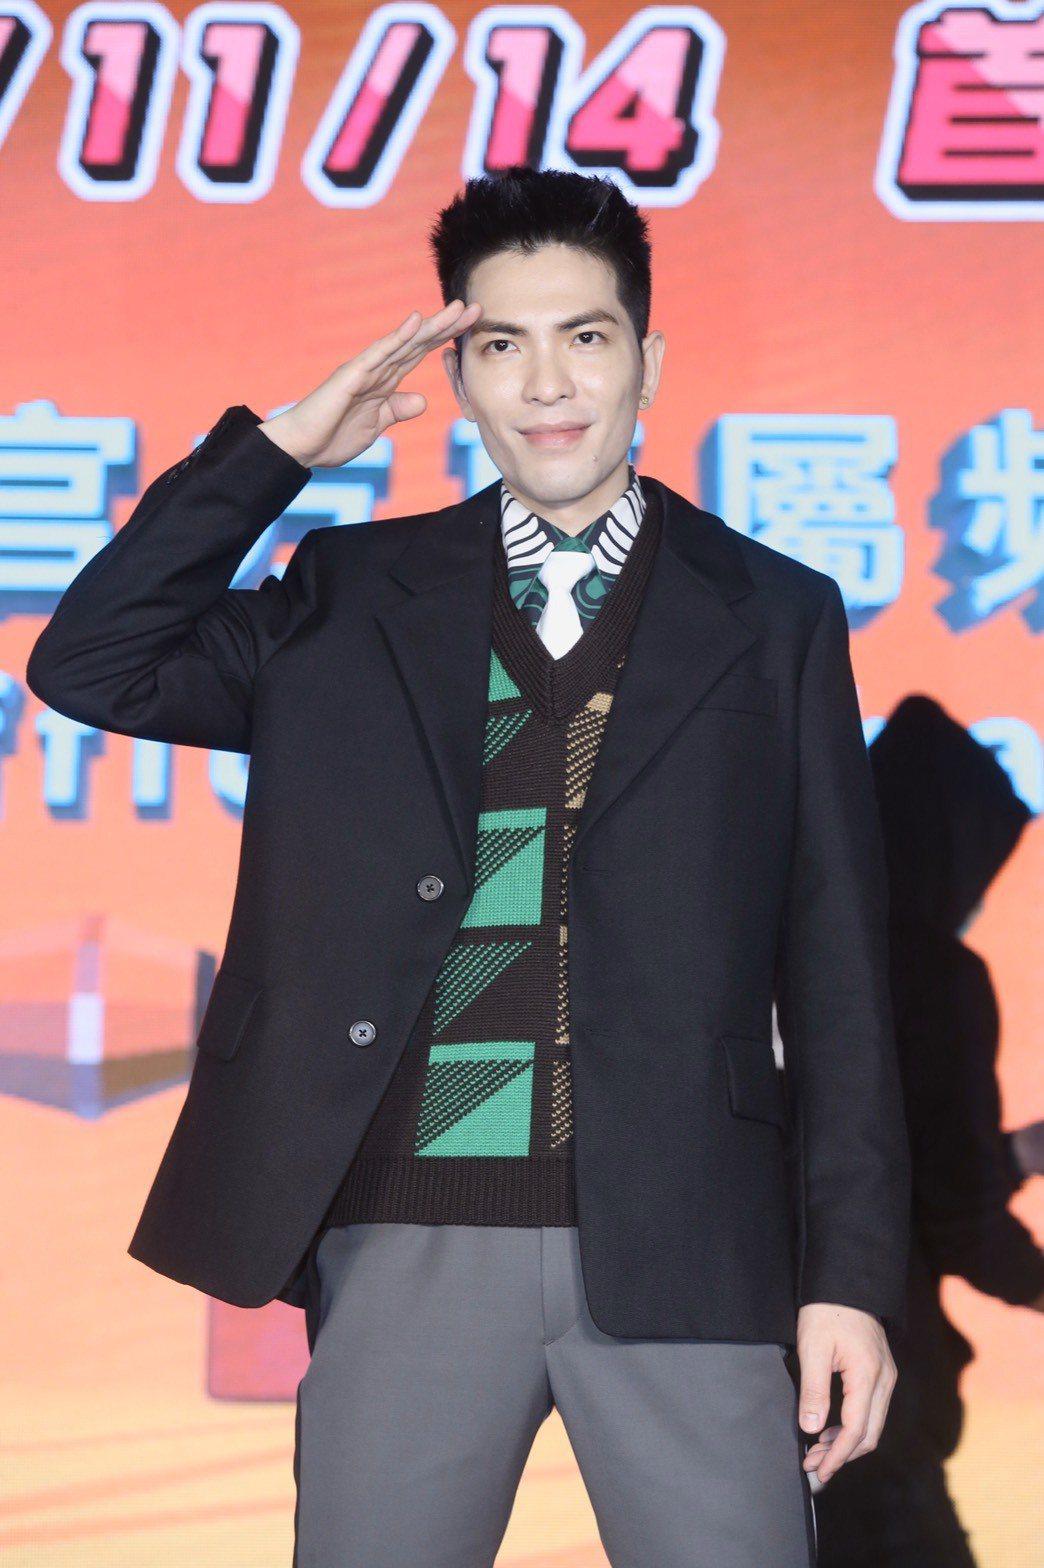 蕭敬騰斜槓YouTuber,今於信義威秀廣場舉辦快閃。記者林俊良/攝影